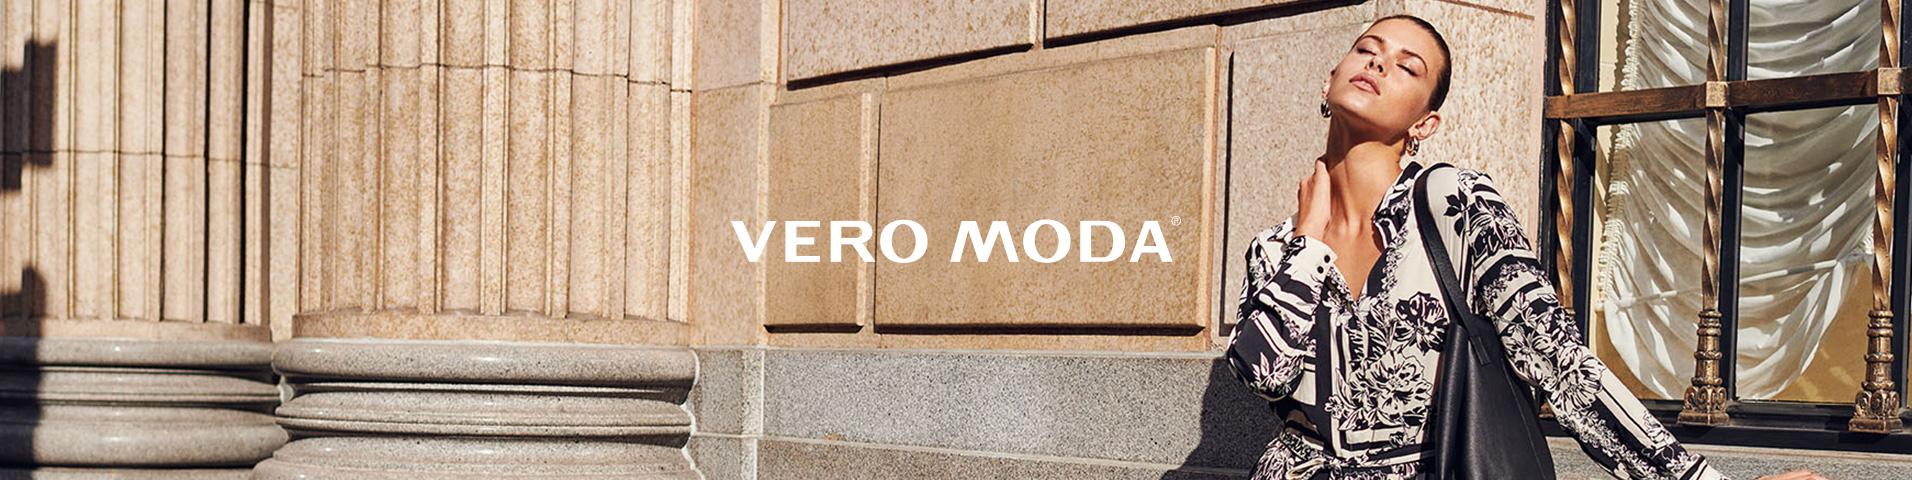 4e4876b6f4da Ropa Vero Moda de mujer online | Comprar las últimas tendencias en Zalando